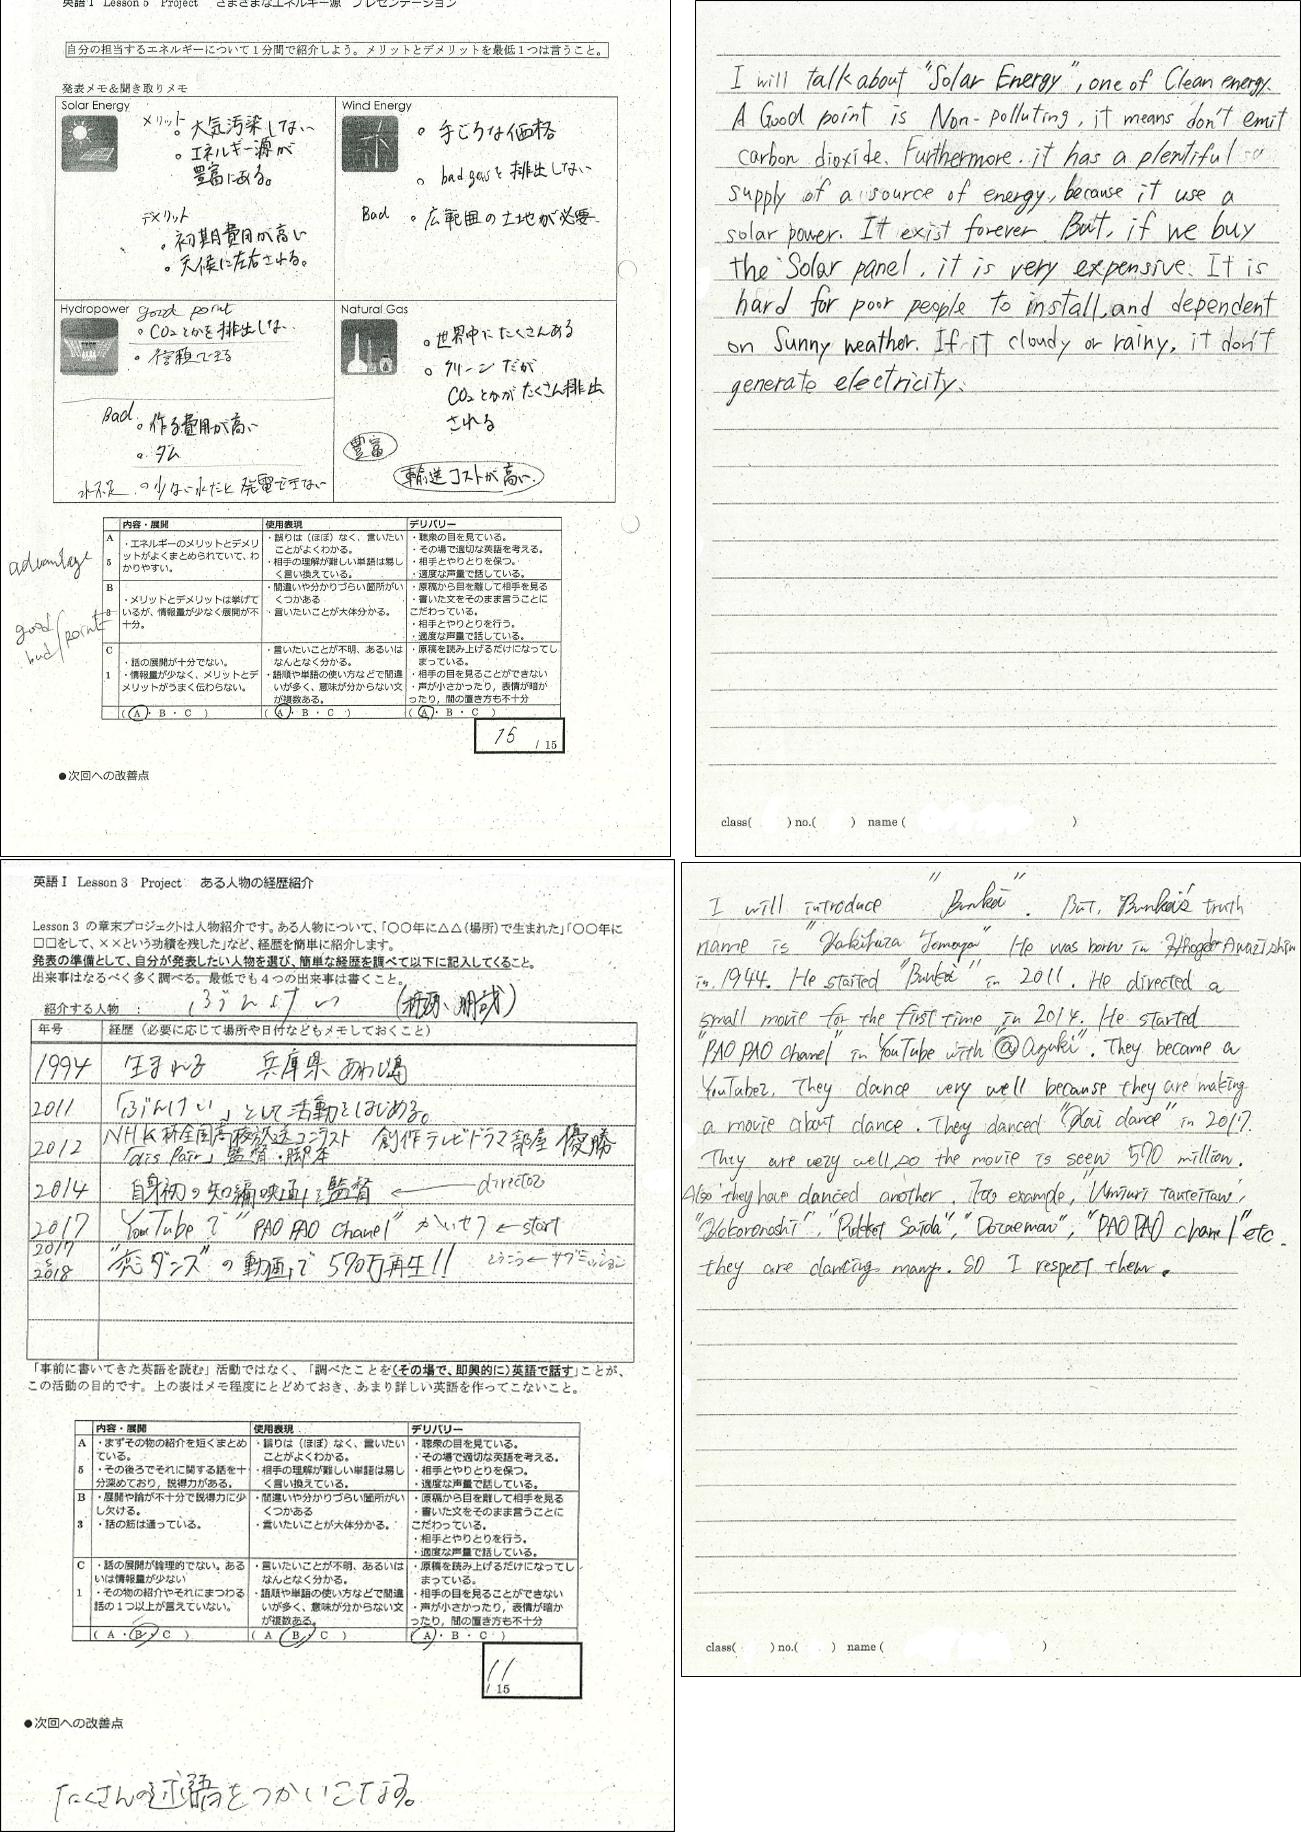 document01